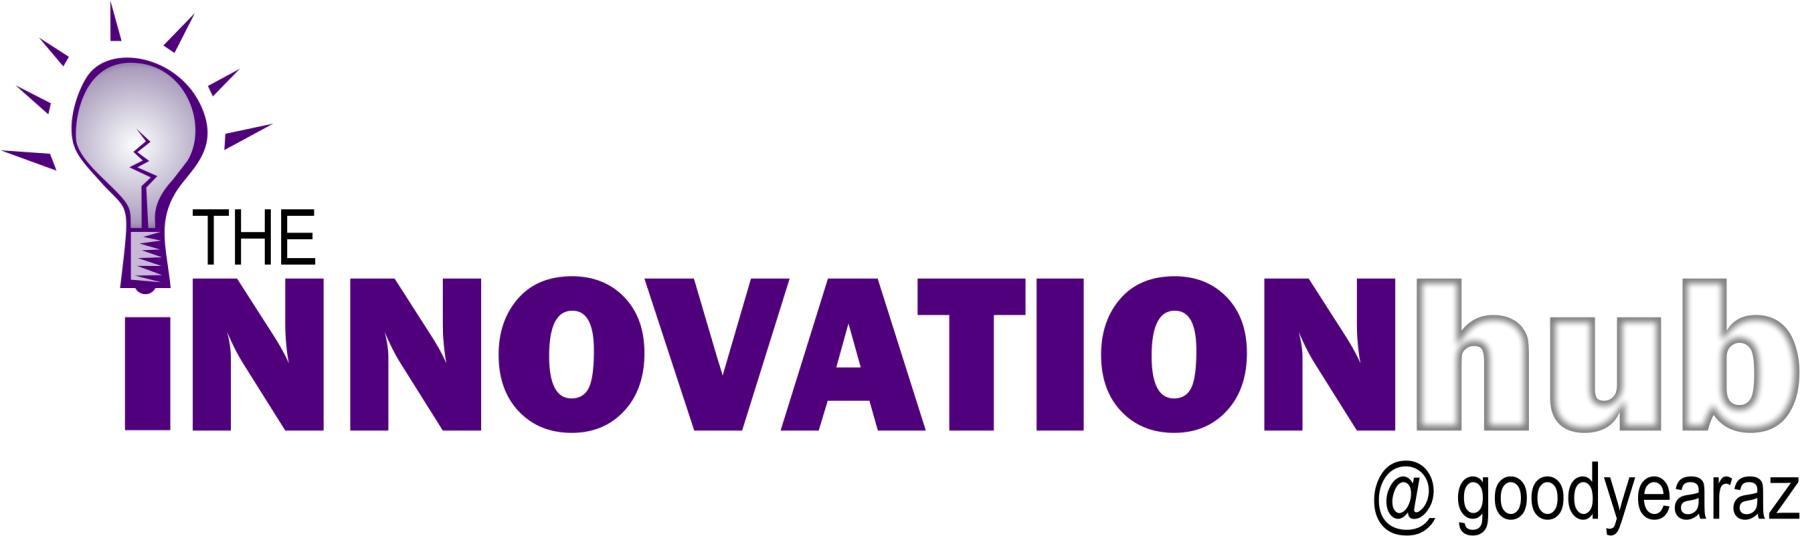 The Innovation Hub